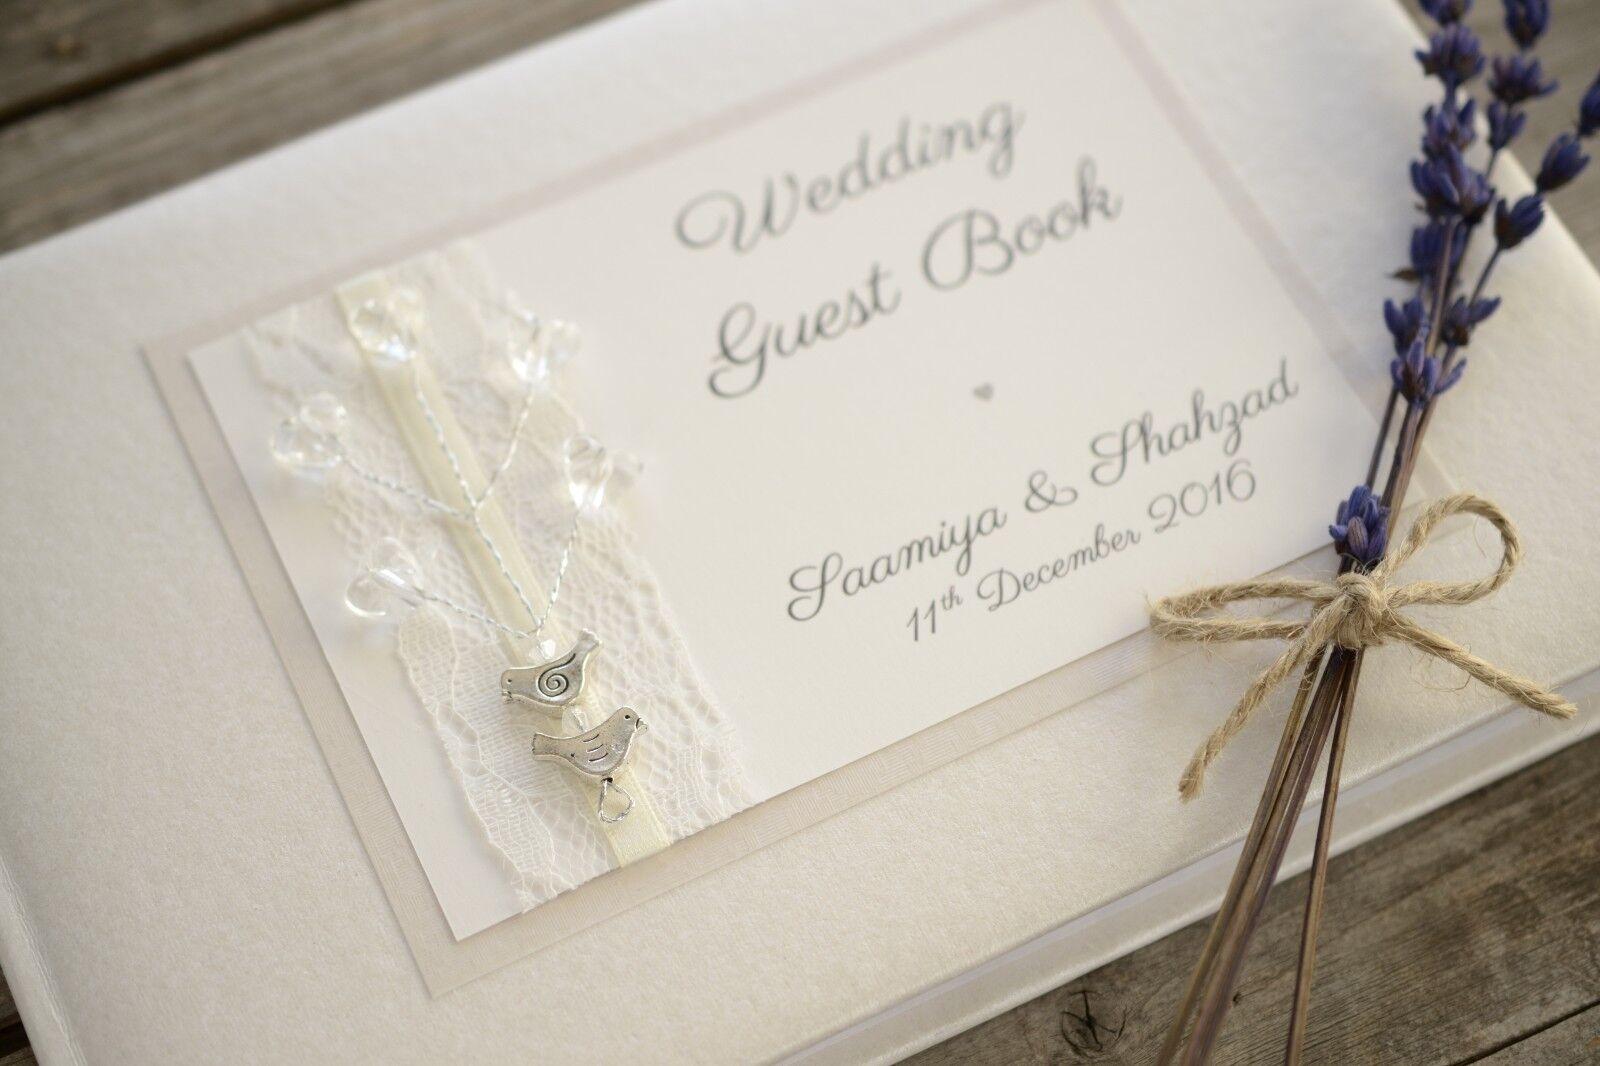 Personalizzato wedding guest Design-AVORIO book-Handmade Love Uccello Design-AVORIO guest guest book. cede69